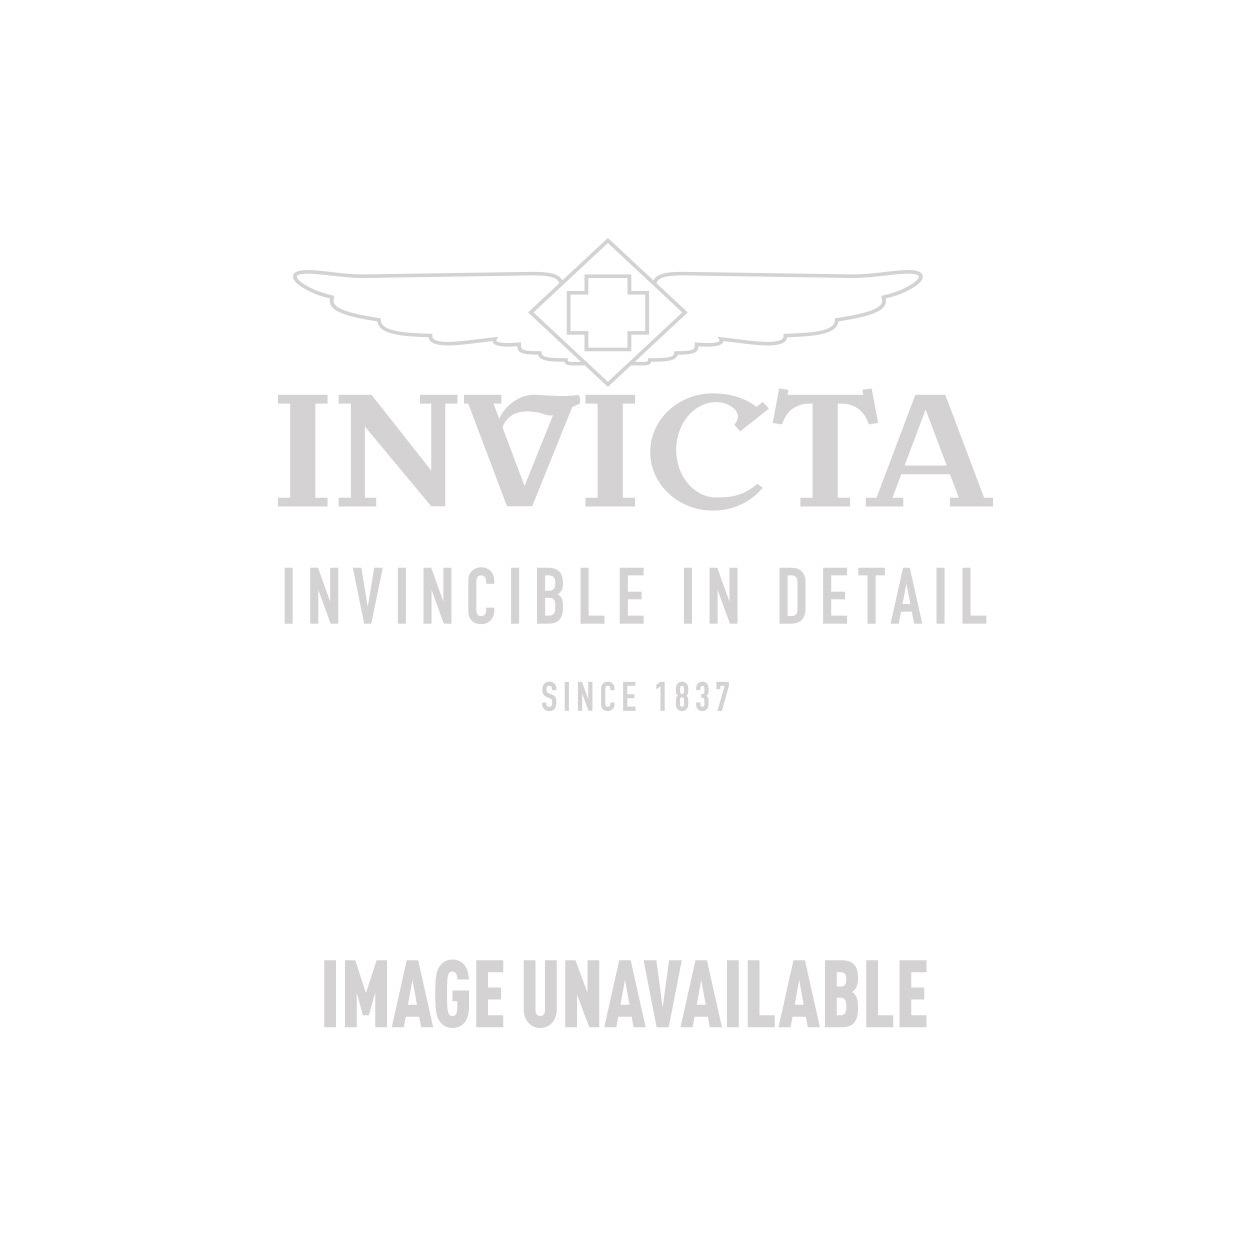 Invicta S1 Rally Quartz Watch - Black case with Black tone Silicone band - Model 15906